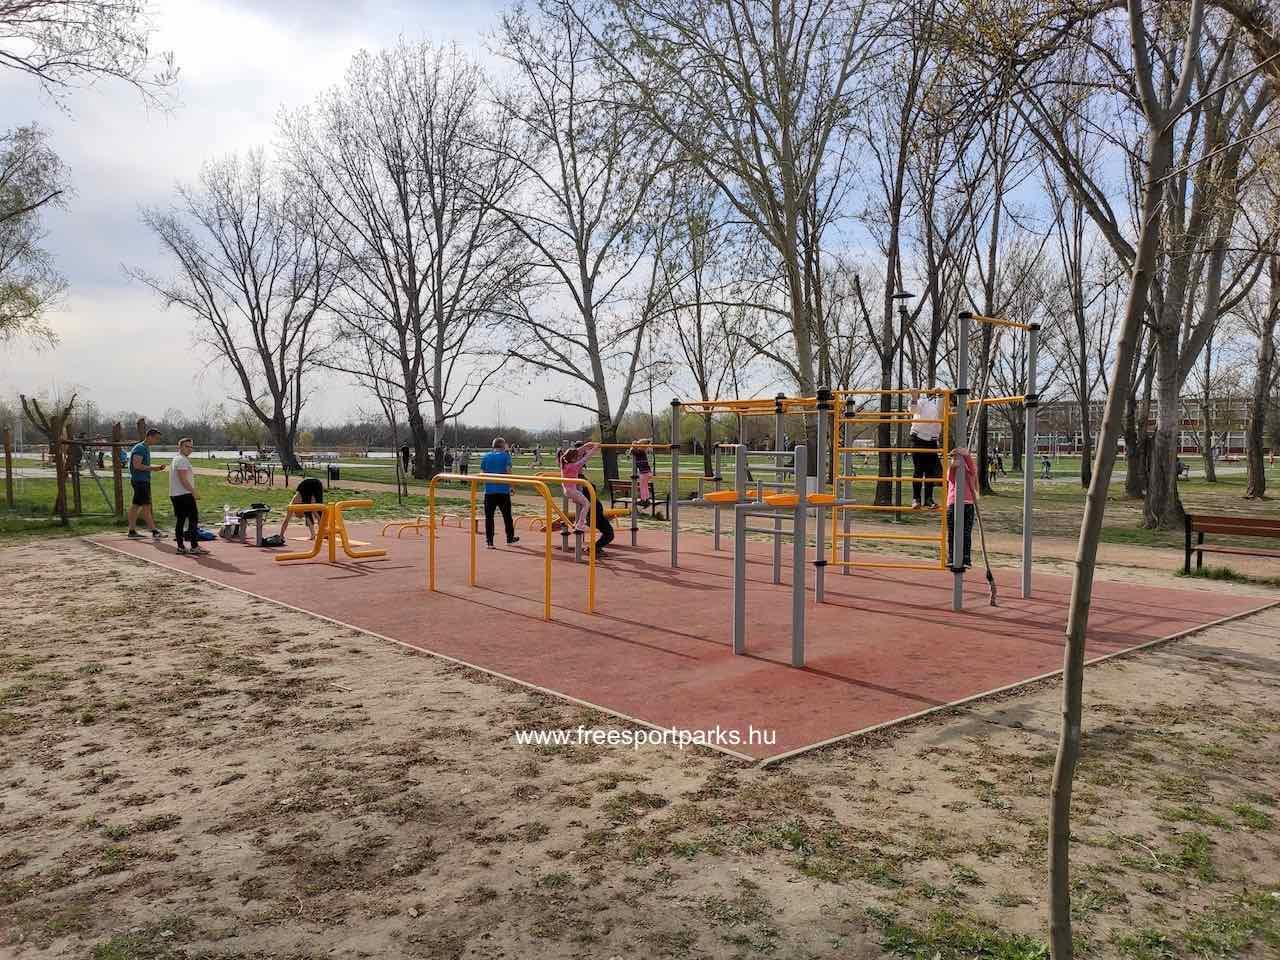 street workout park a Palotavárosi szabadidőpark Székesfehérvár területén